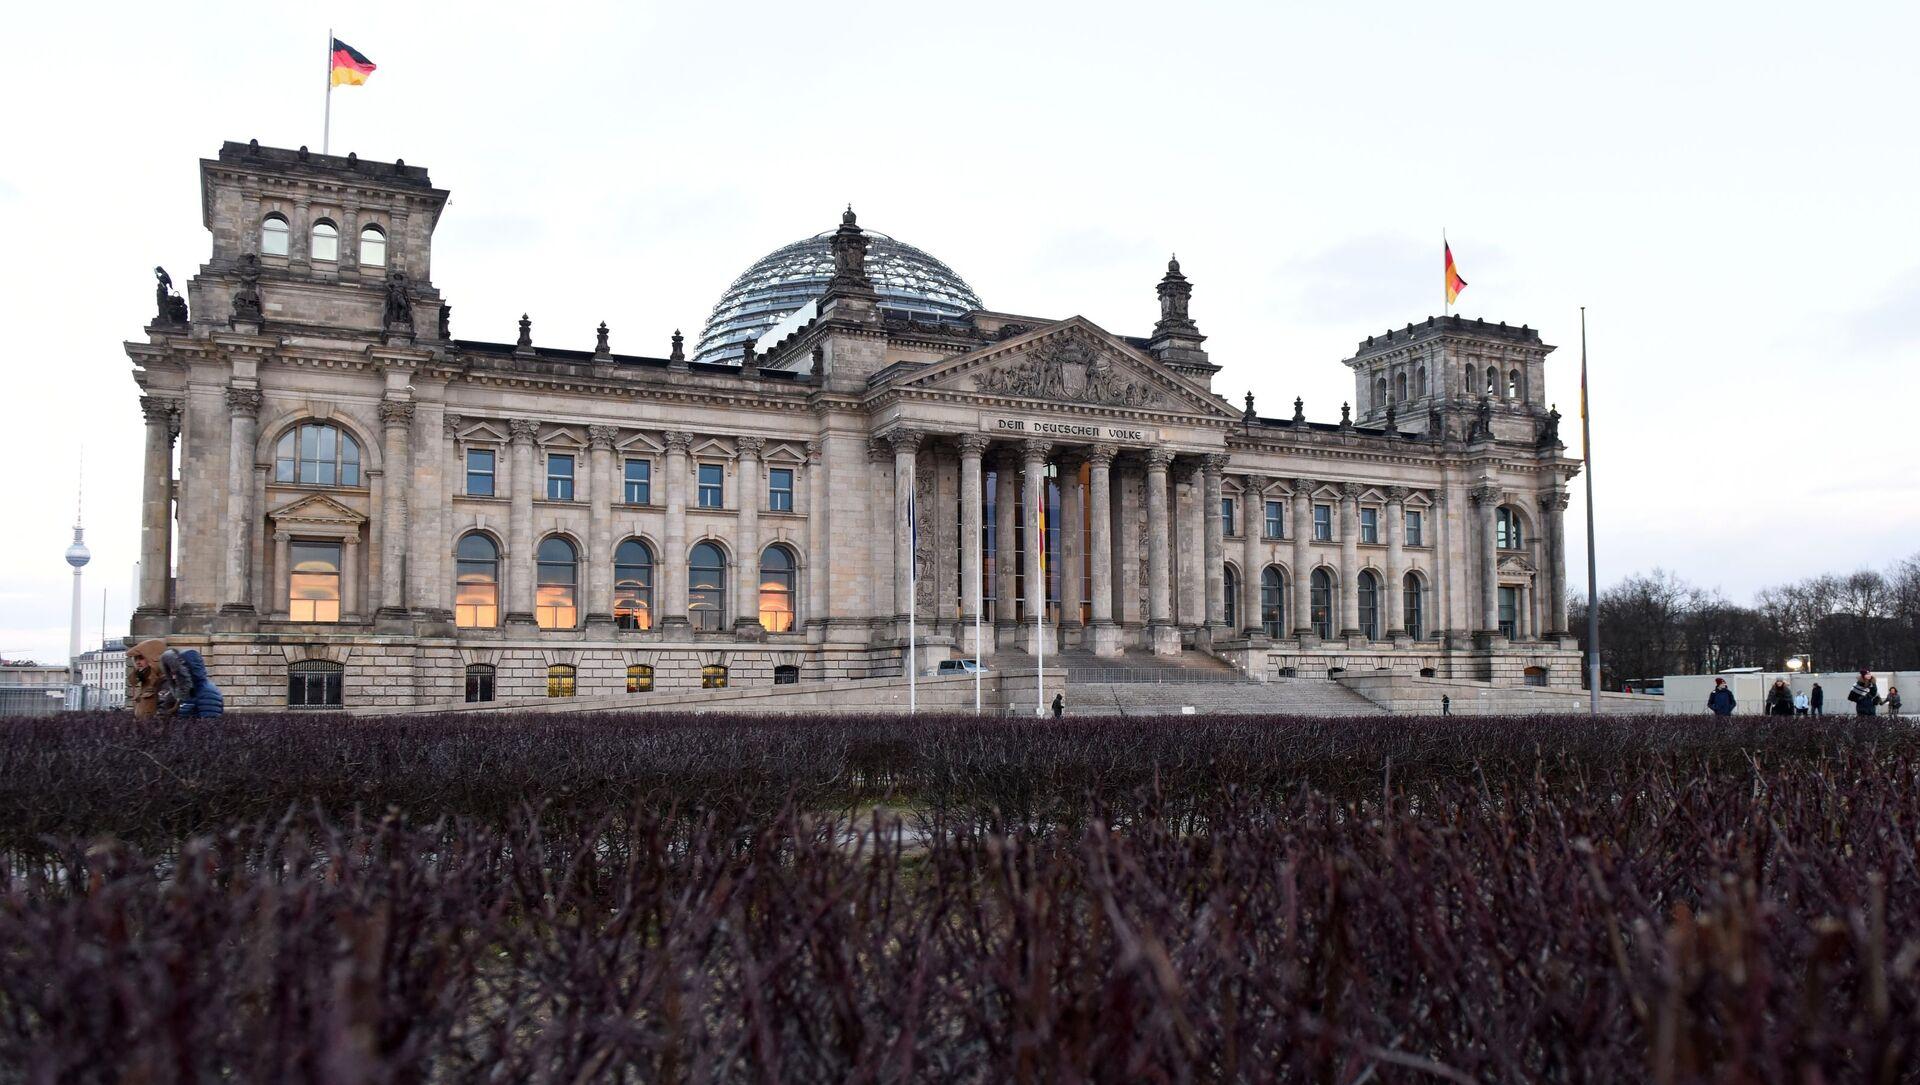 Tòa nhà Bundestag (Quốc hội) ở Berlin. - Sputnik Việt Nam, 1920, 27.09.2021